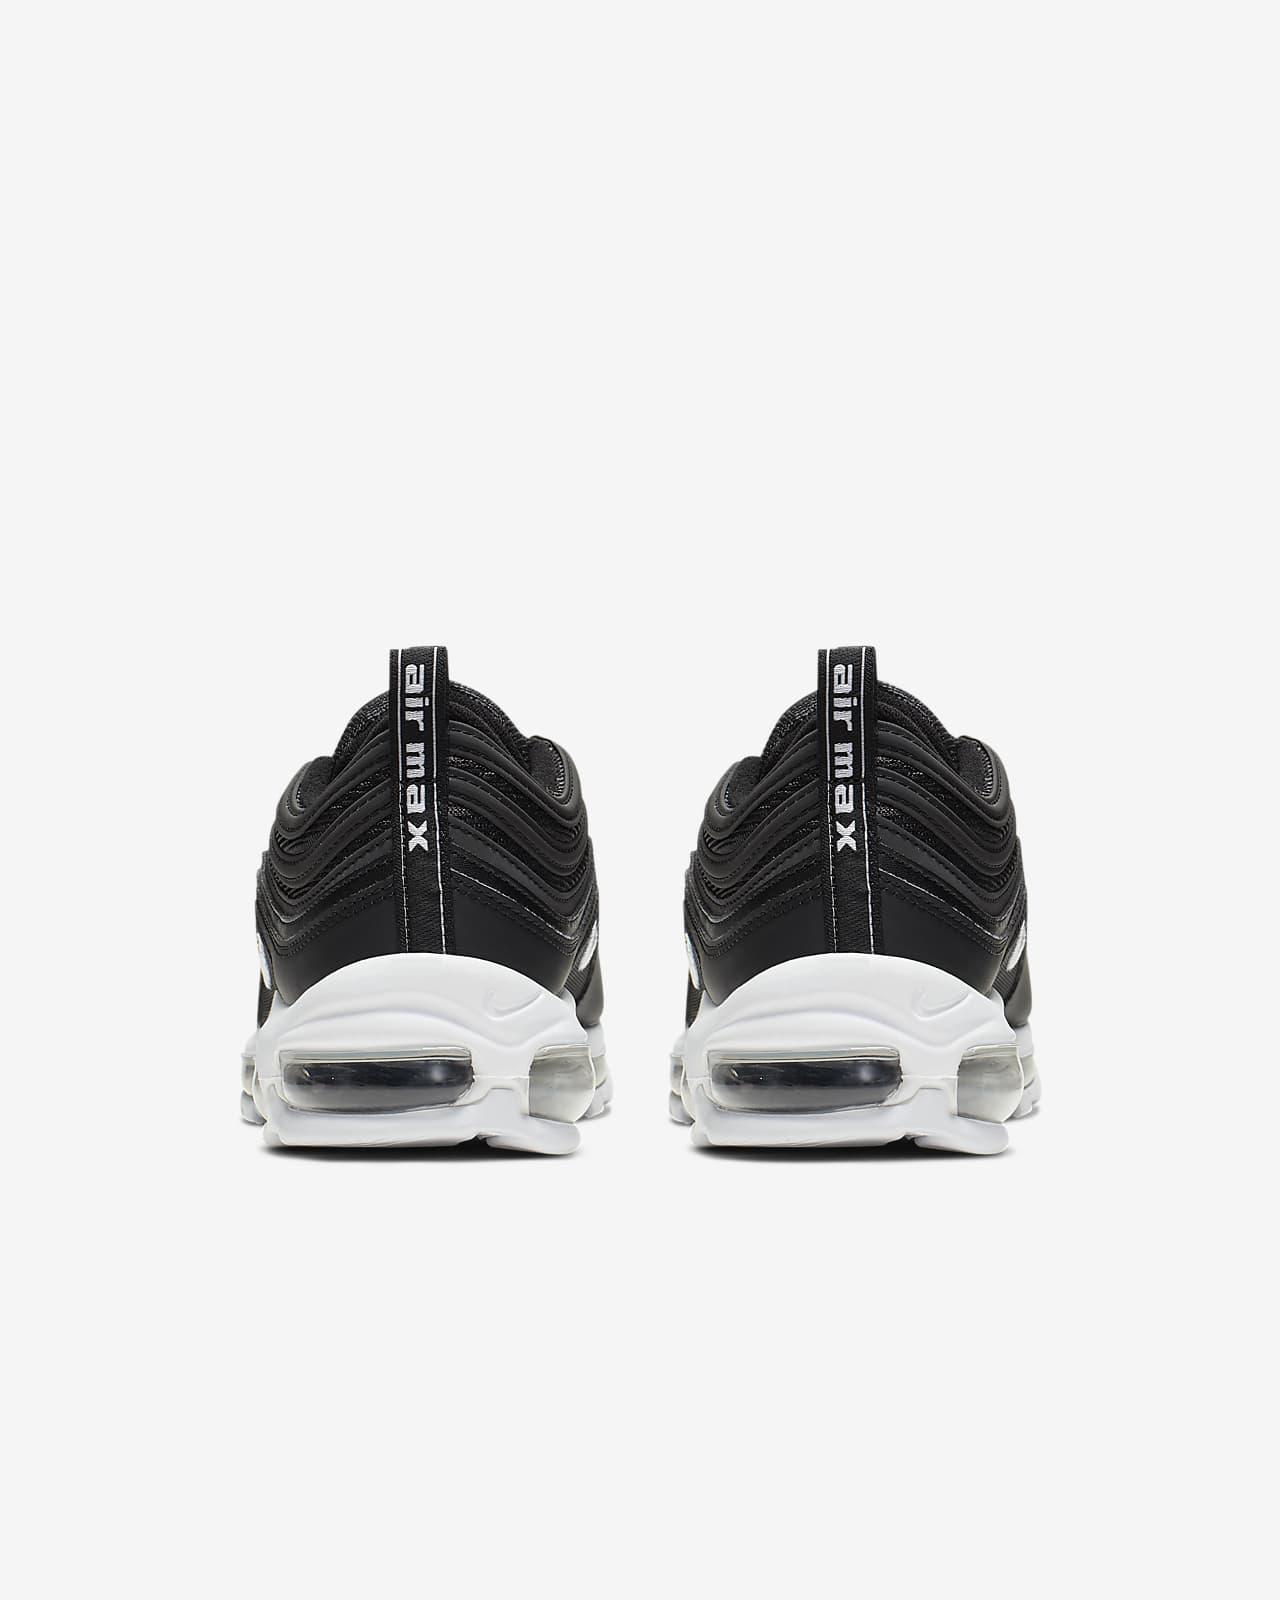 nike femme chaussures 2017 air max 97